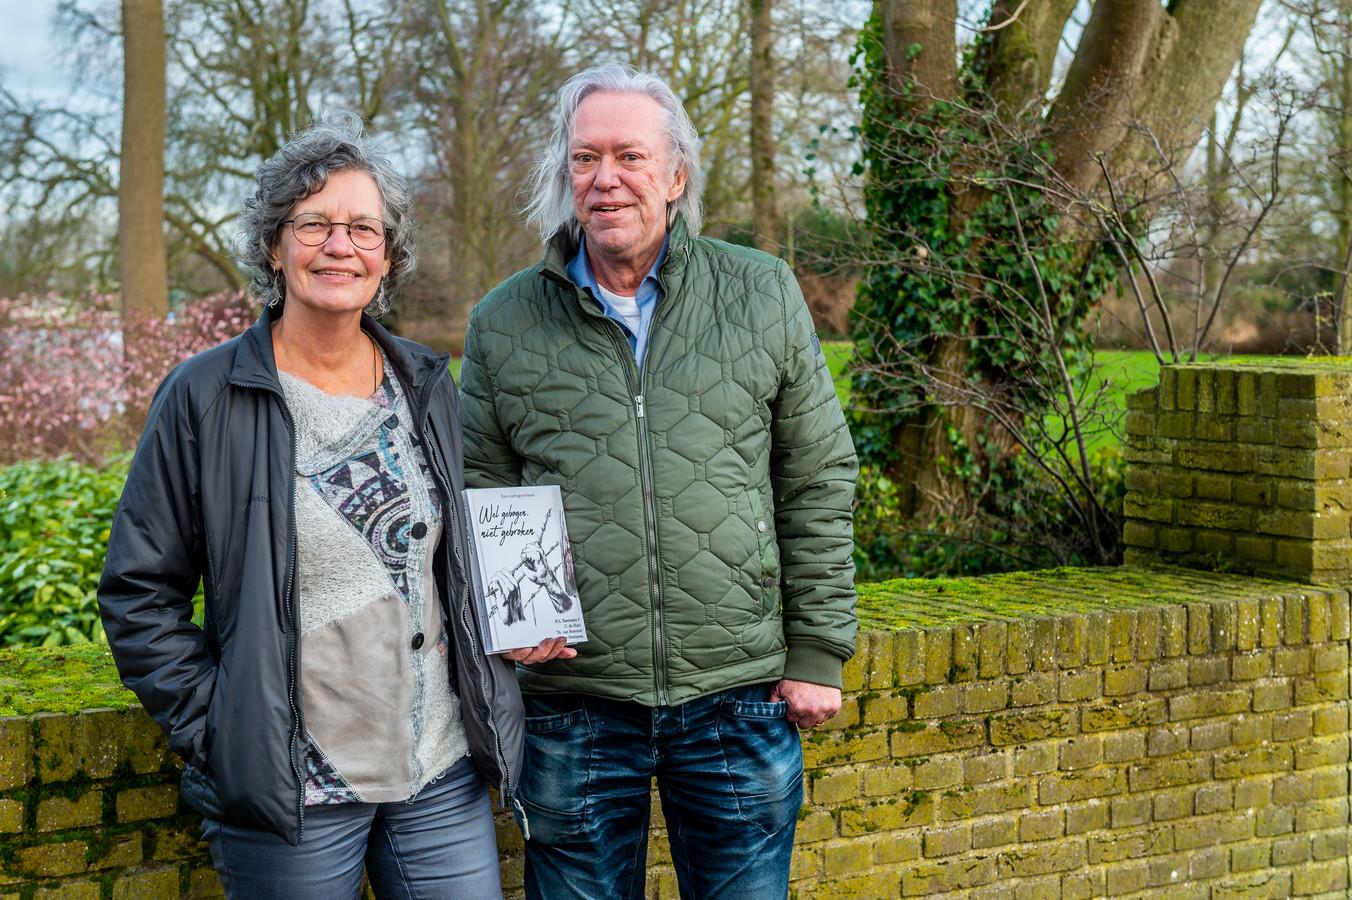 Betty Bastiaans, Carel de Mari en Theo van Bemmel (niet op de foto) schreven het boek over verzetsstrijder Henk Bastiaans, die tijdens de Tweede Wereldoorlog acht concentratiekampen overleefde.